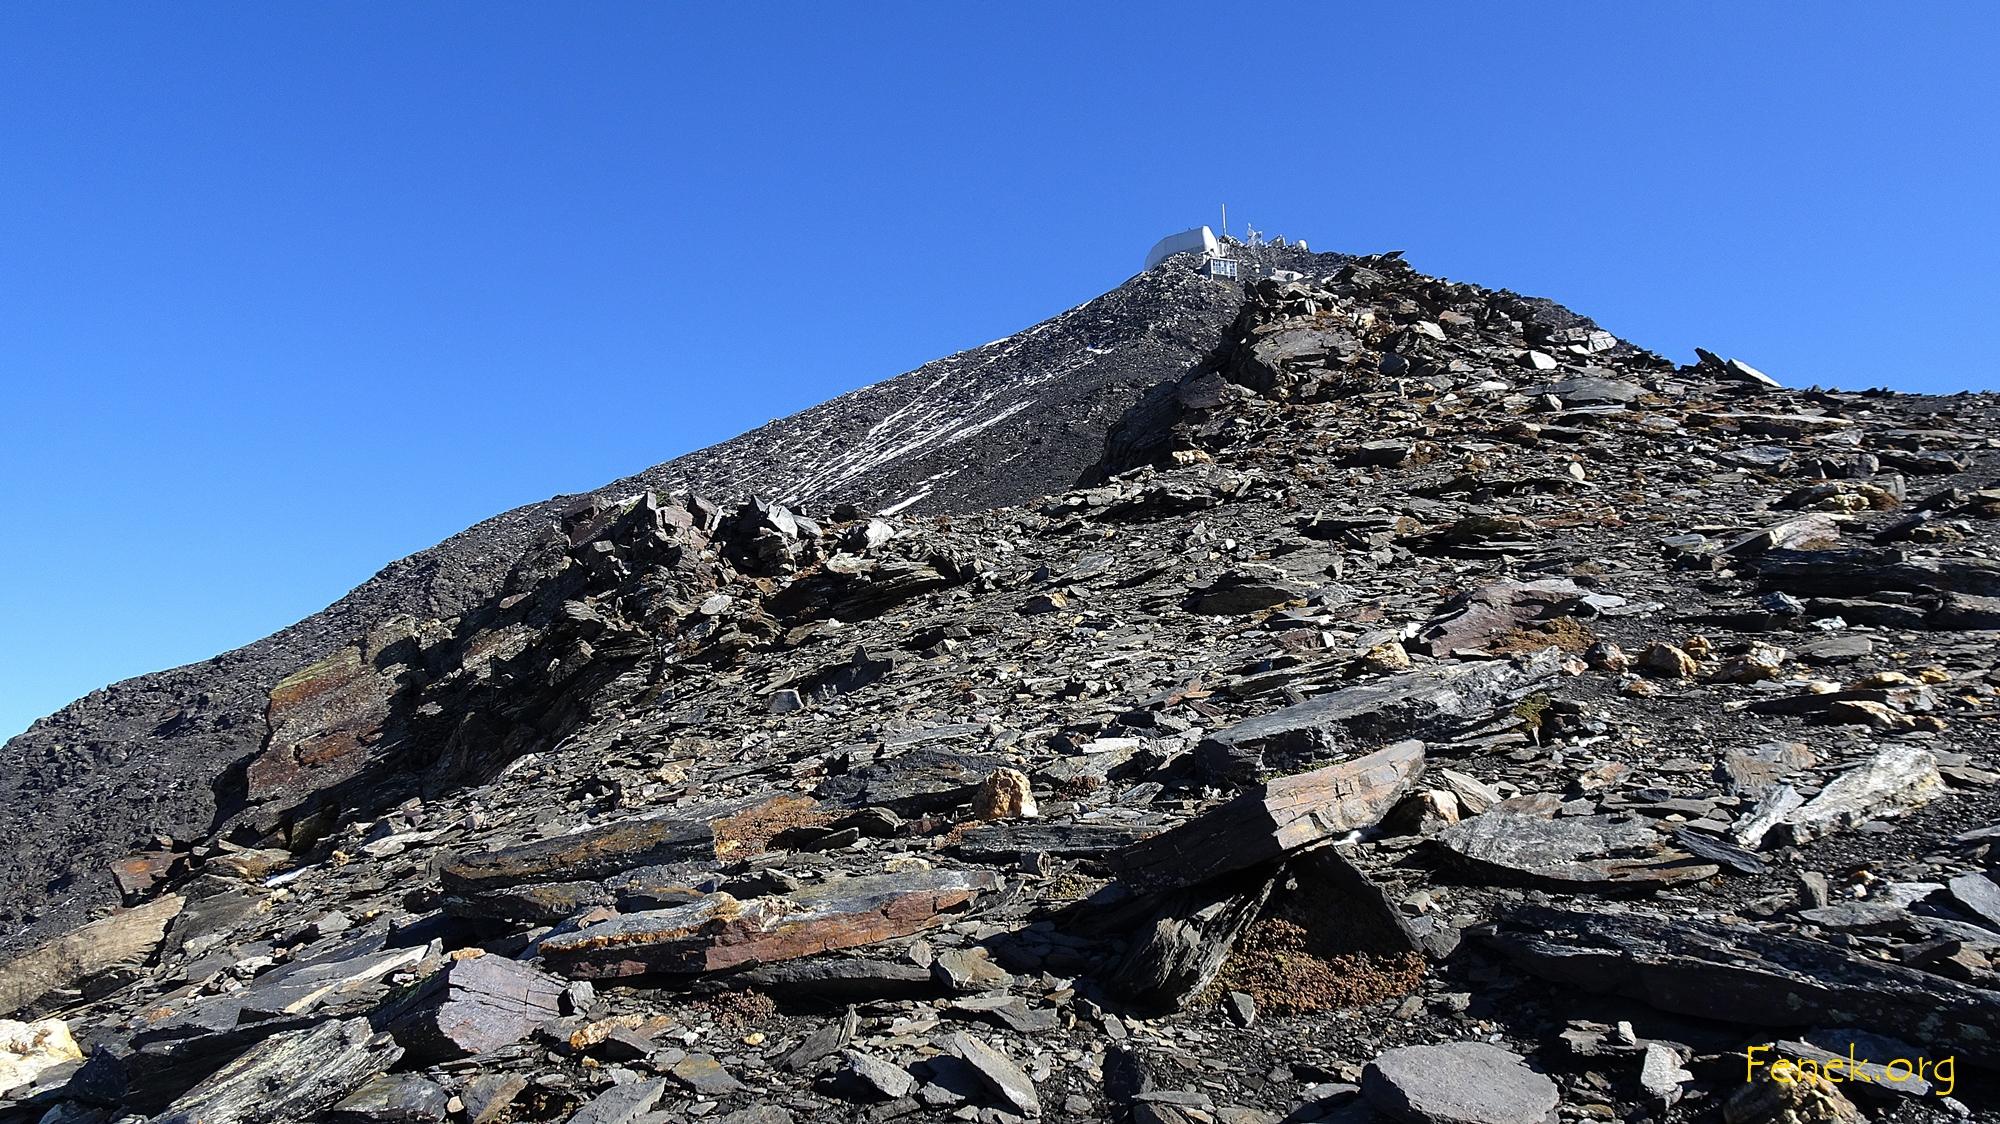 der Gipfel naht, es wird steiler